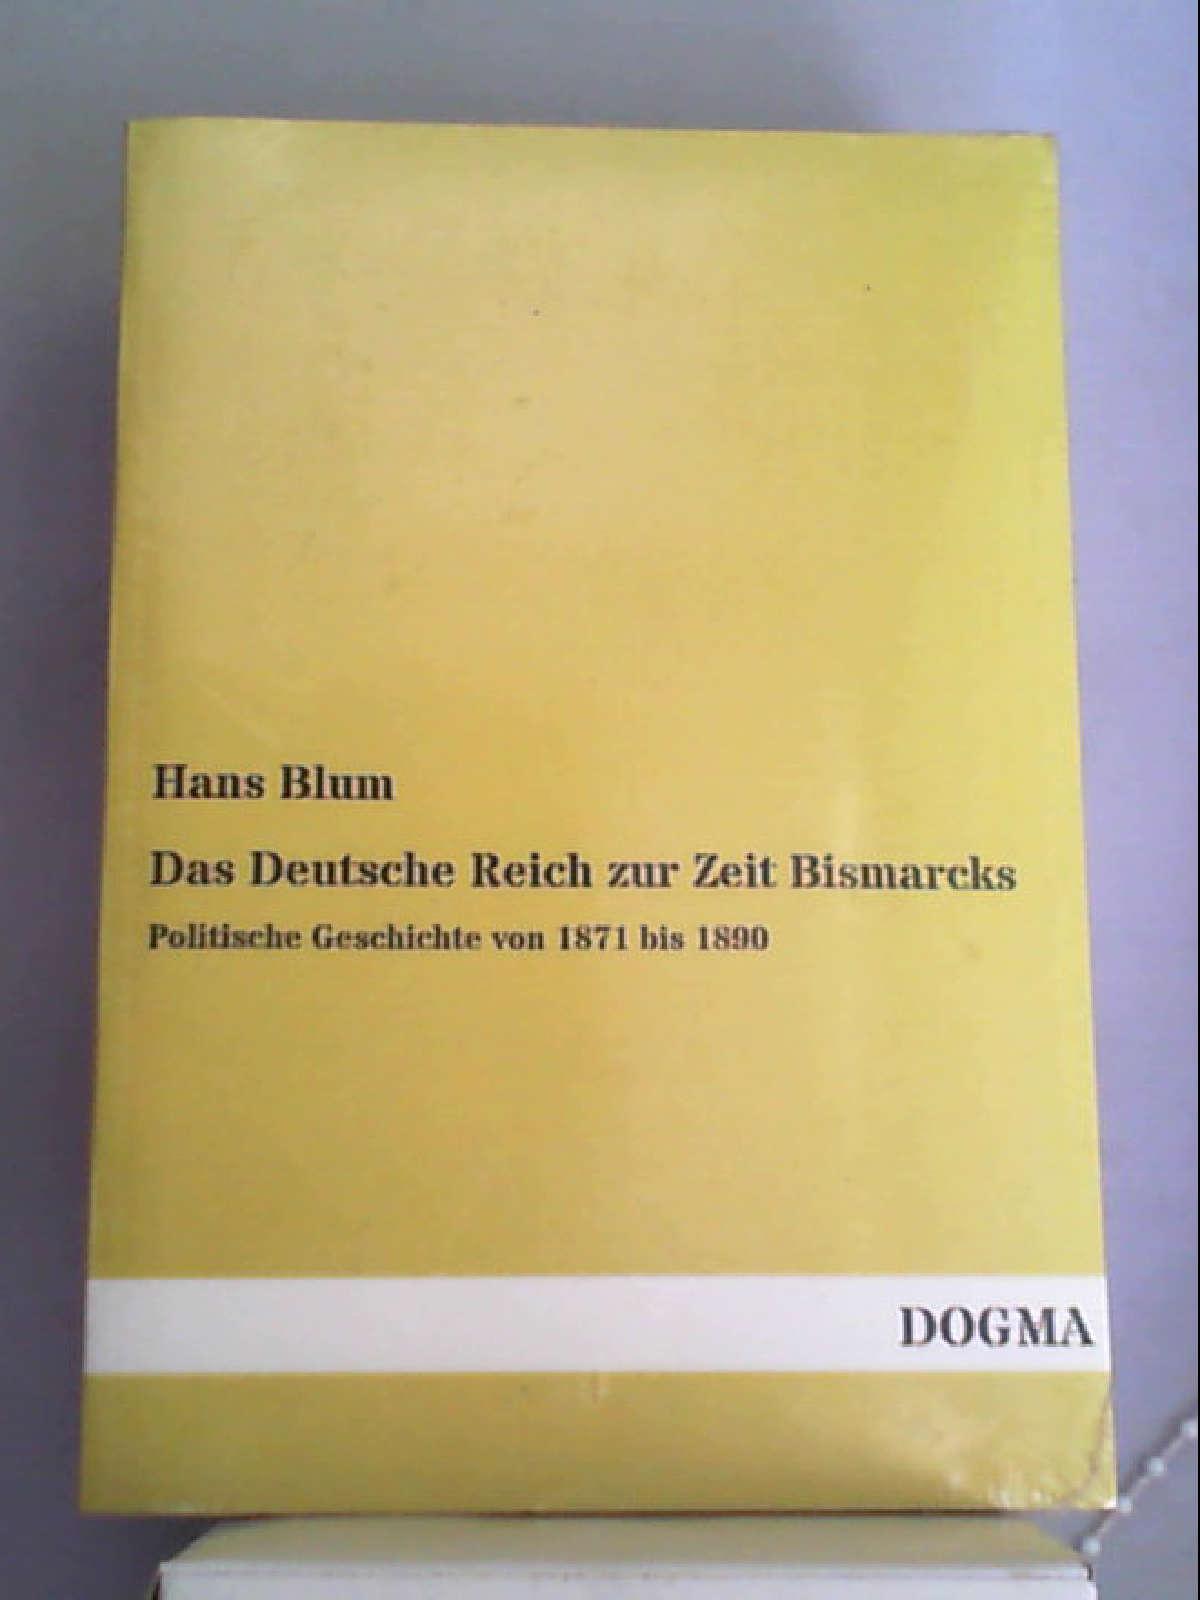 Das Deutsche Reich zur Zeit Bismarcks: Politische Geschichte von 1871 bis 1890 (Classic Reprint) - Hans Blum